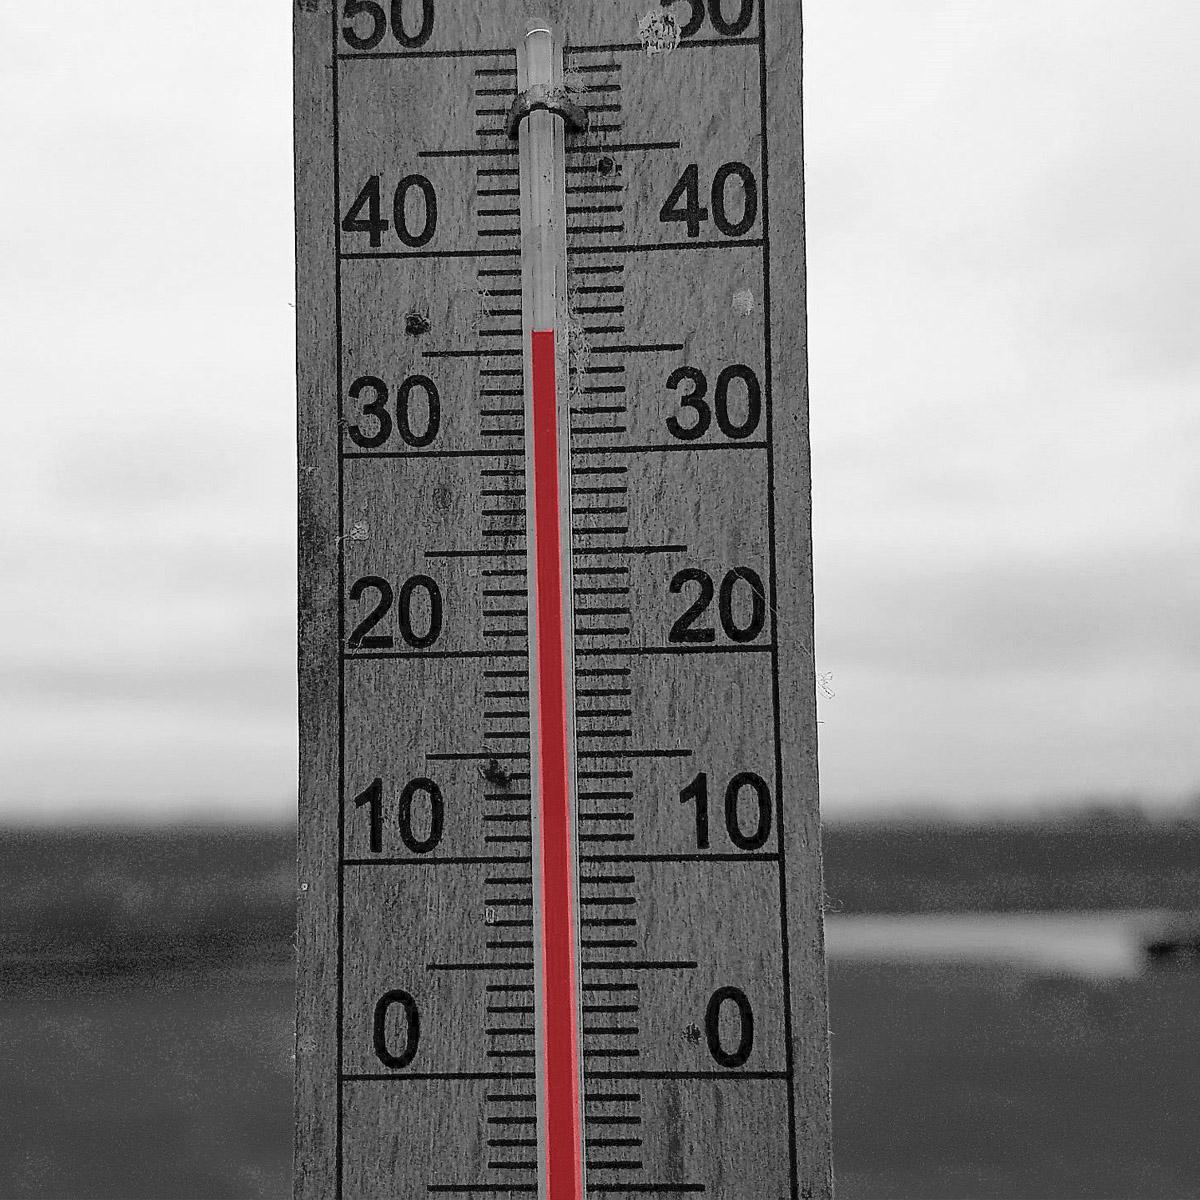 Kans op hagel bij warm weer, maar hoe zit dit met mijn verzekeringsdekking?